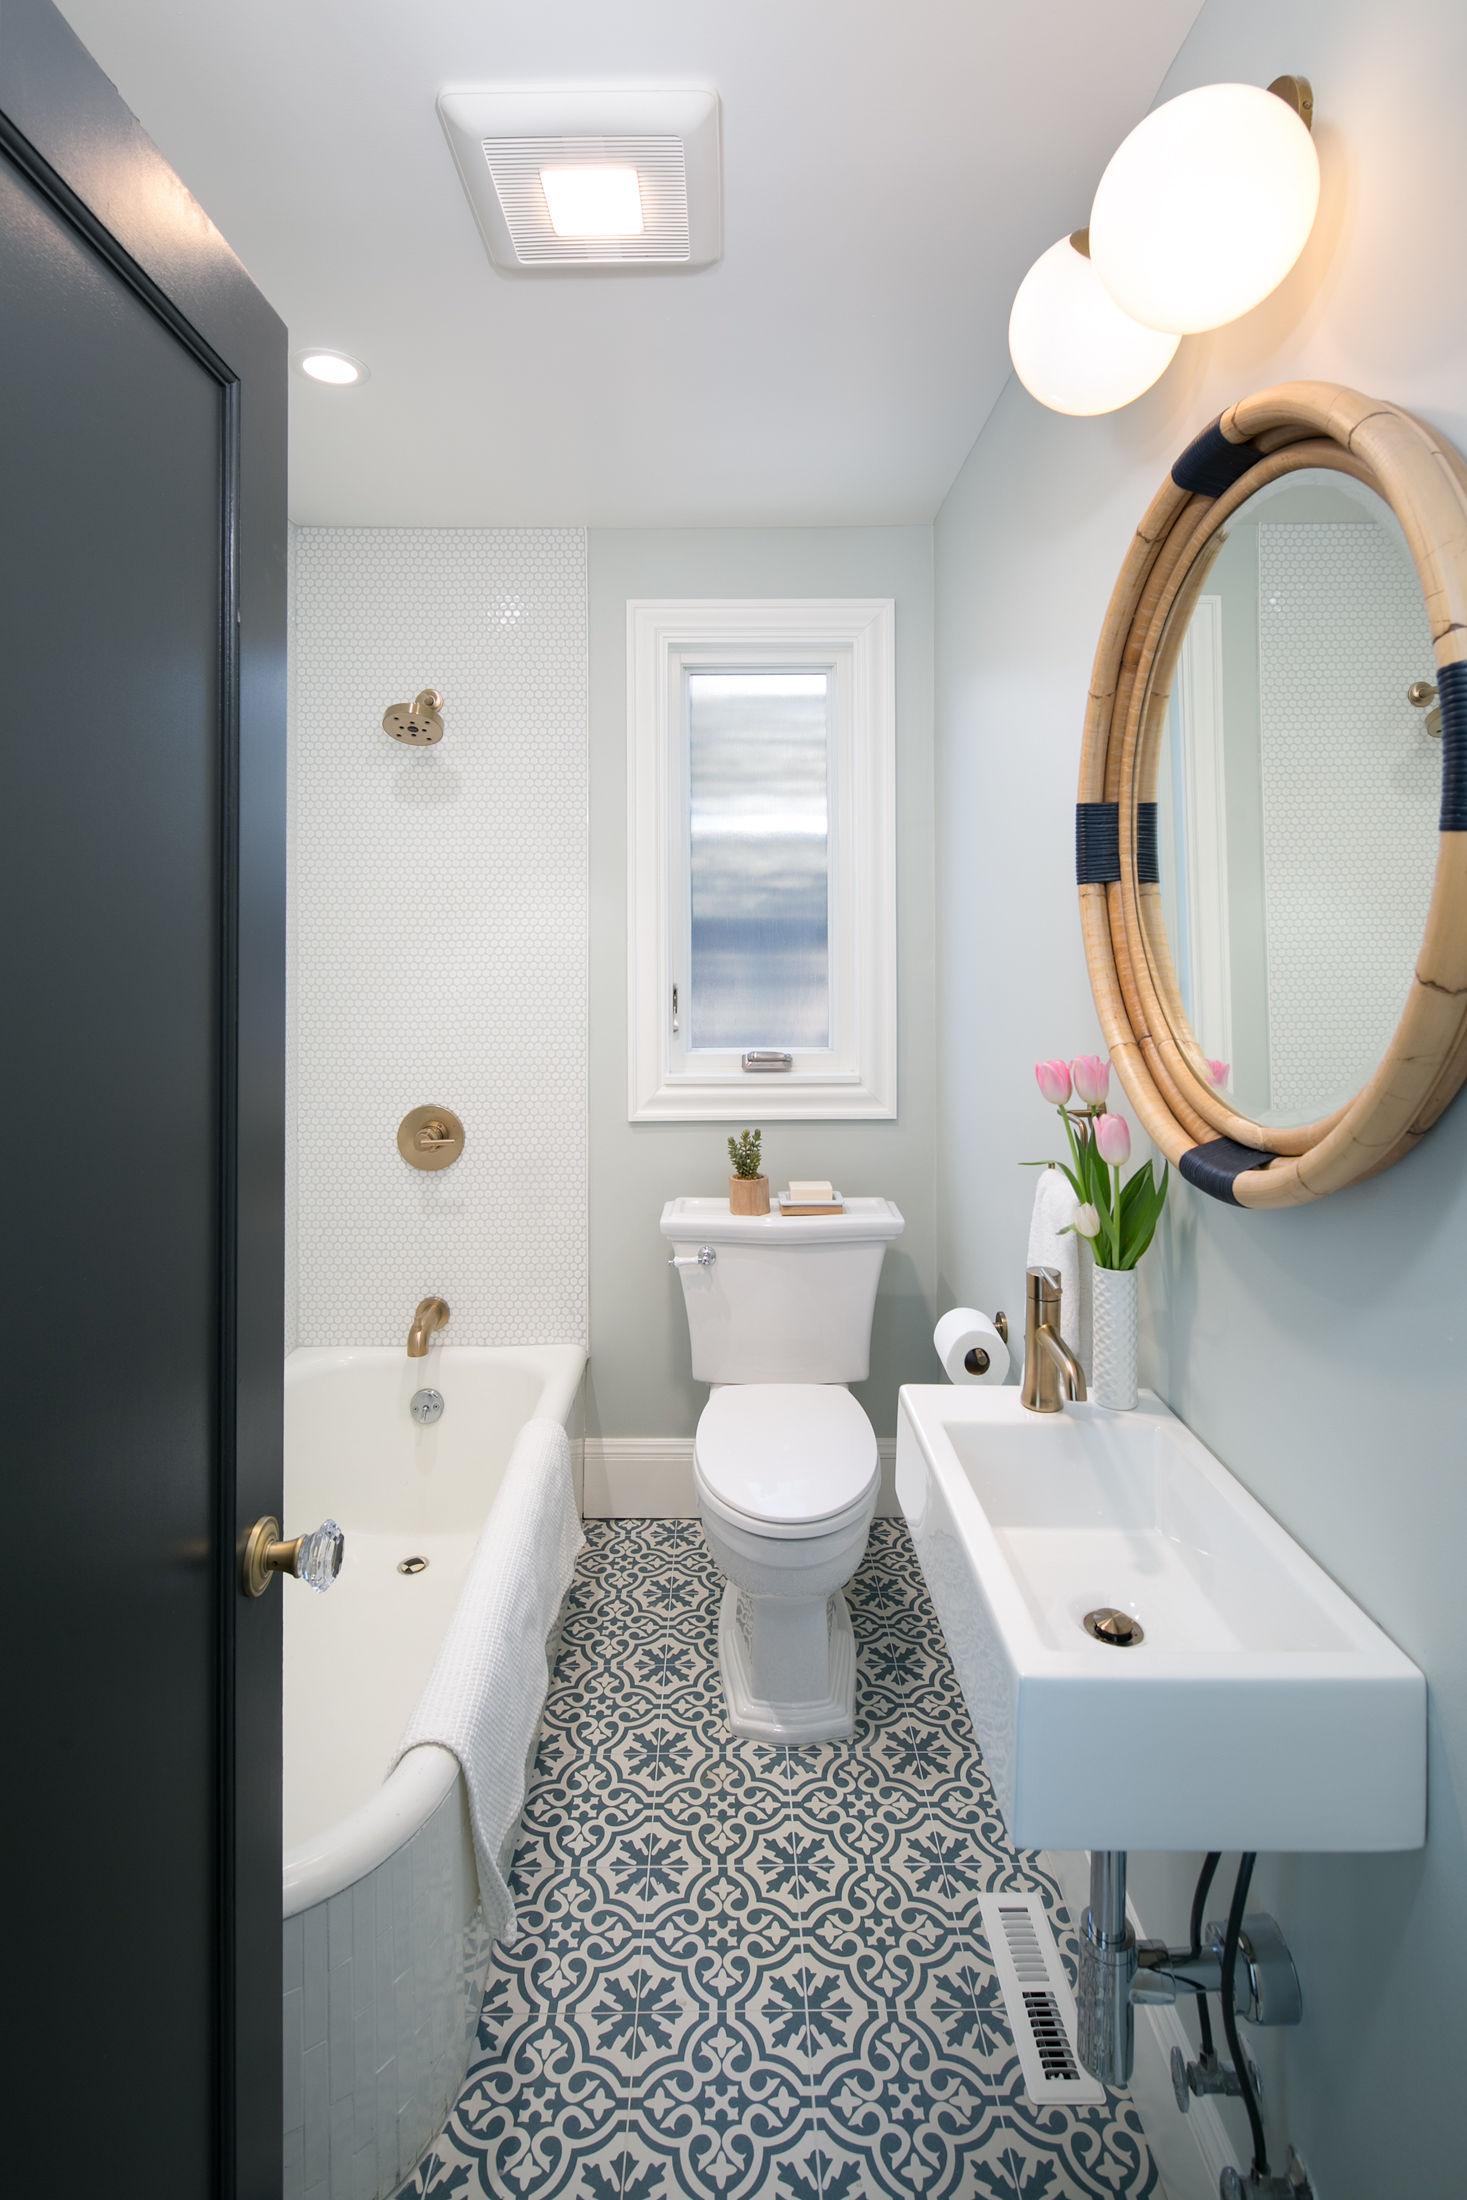 Crocker Highlands Modern Mediterranean Bathroom Renovation, Interior Design and Staging- after